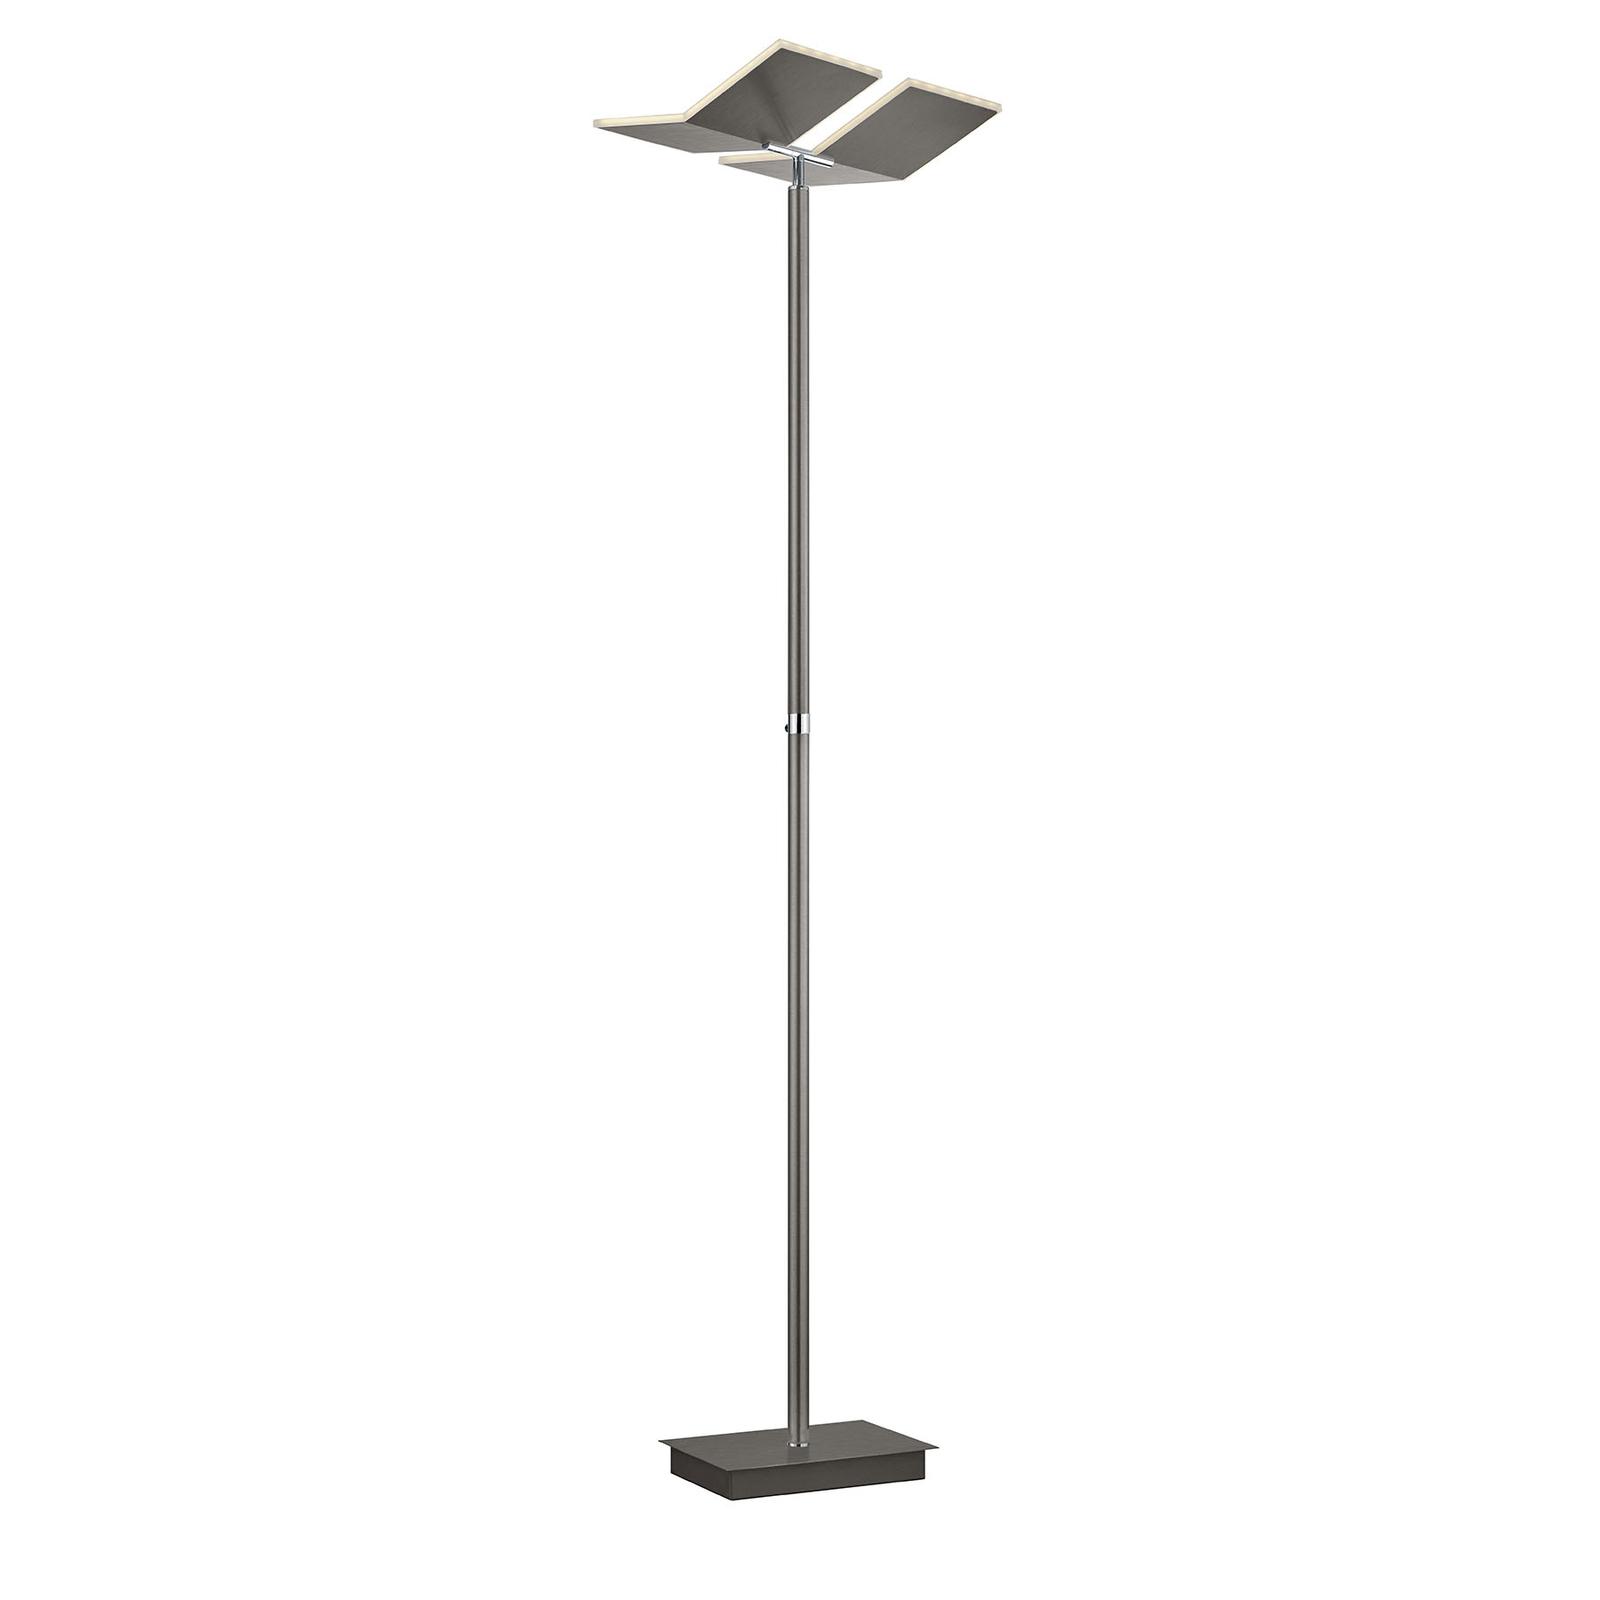 B-Leuchten Domi LED-Stehleuchte, bronze